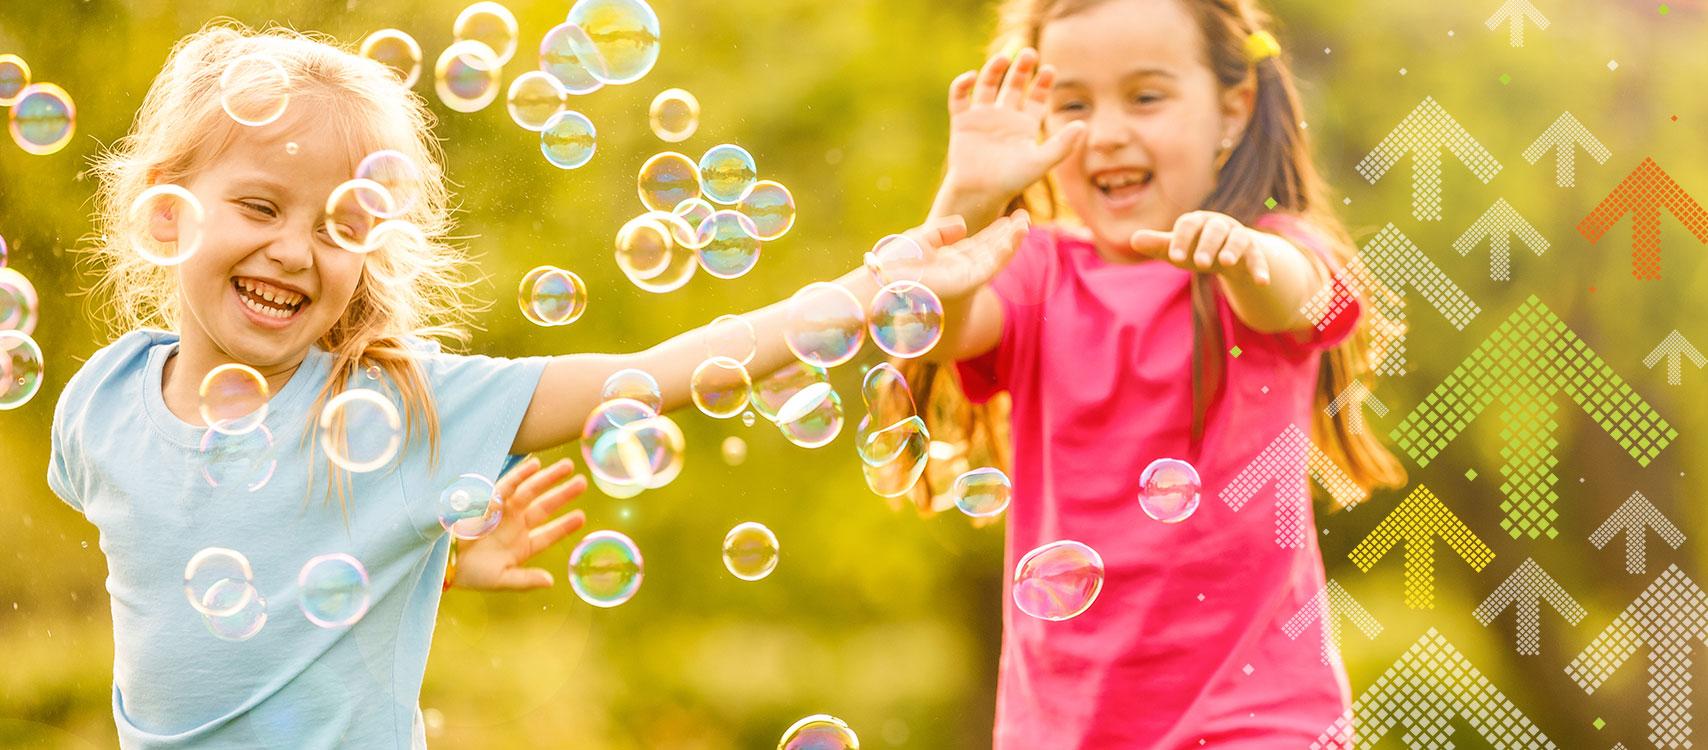 Kinder fangen Seifenblasen